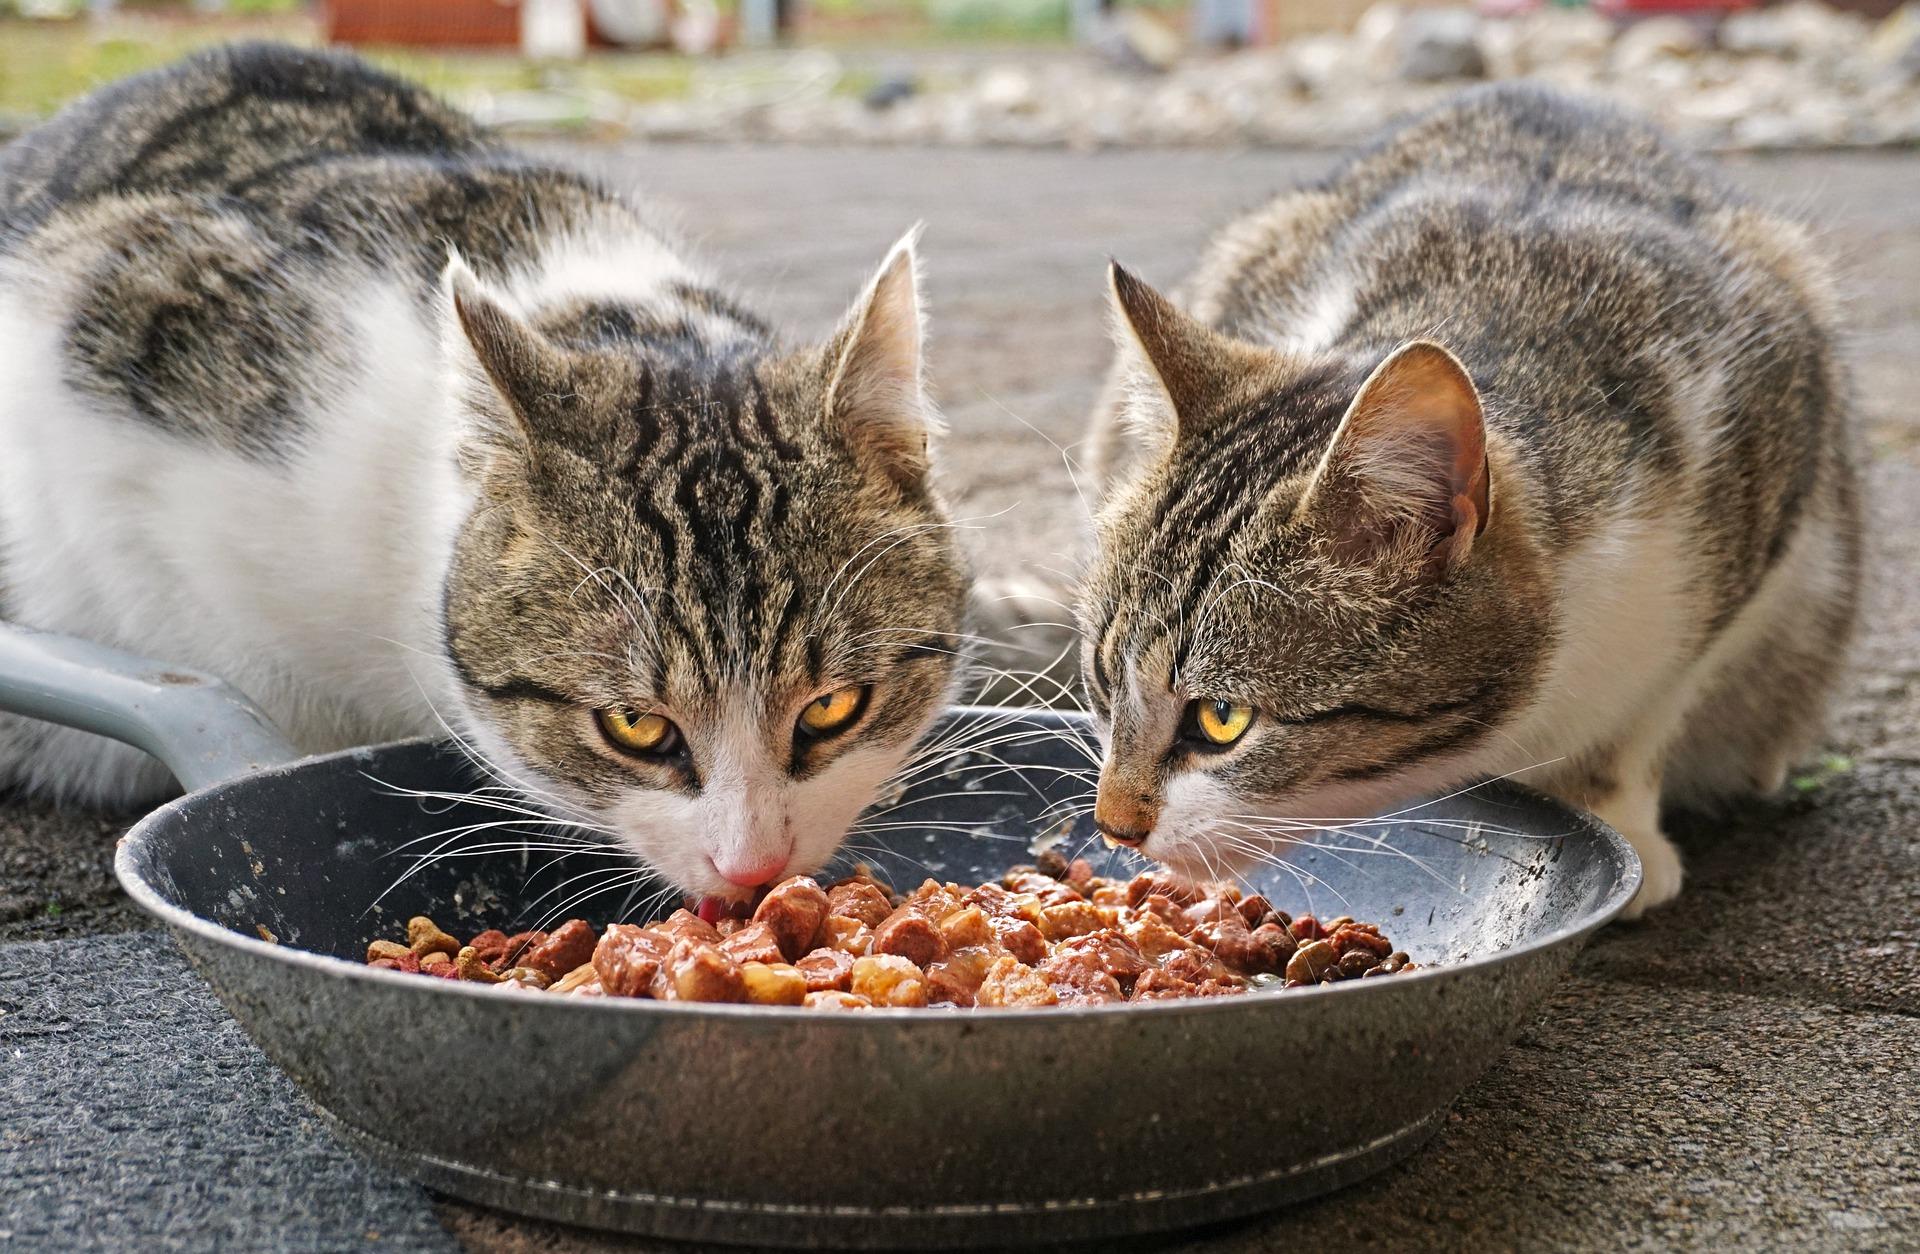 Hoe vaak moet een kat eten?